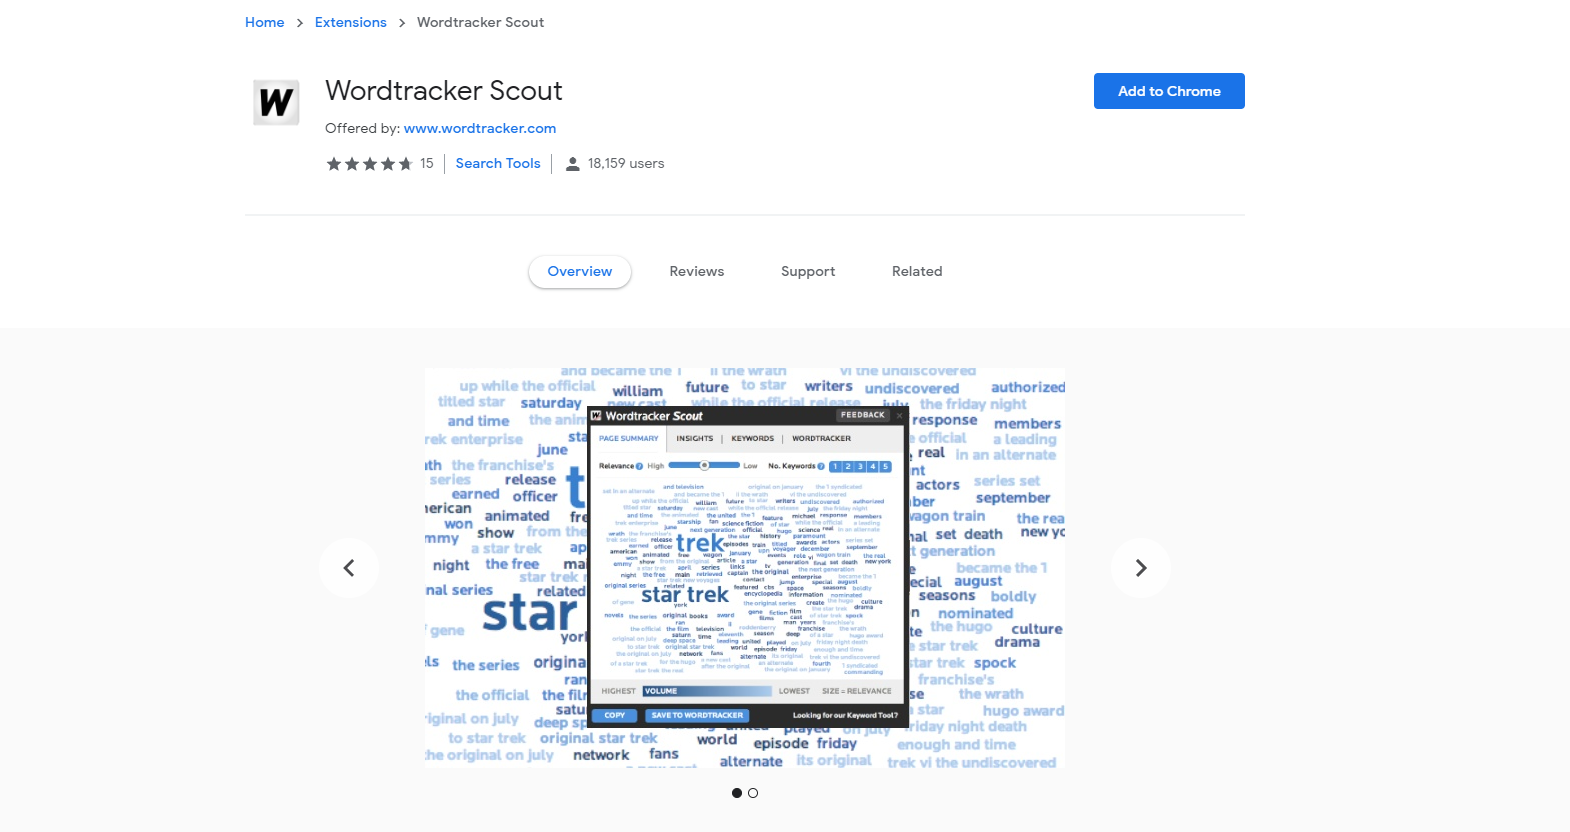 Wordtracker Scout